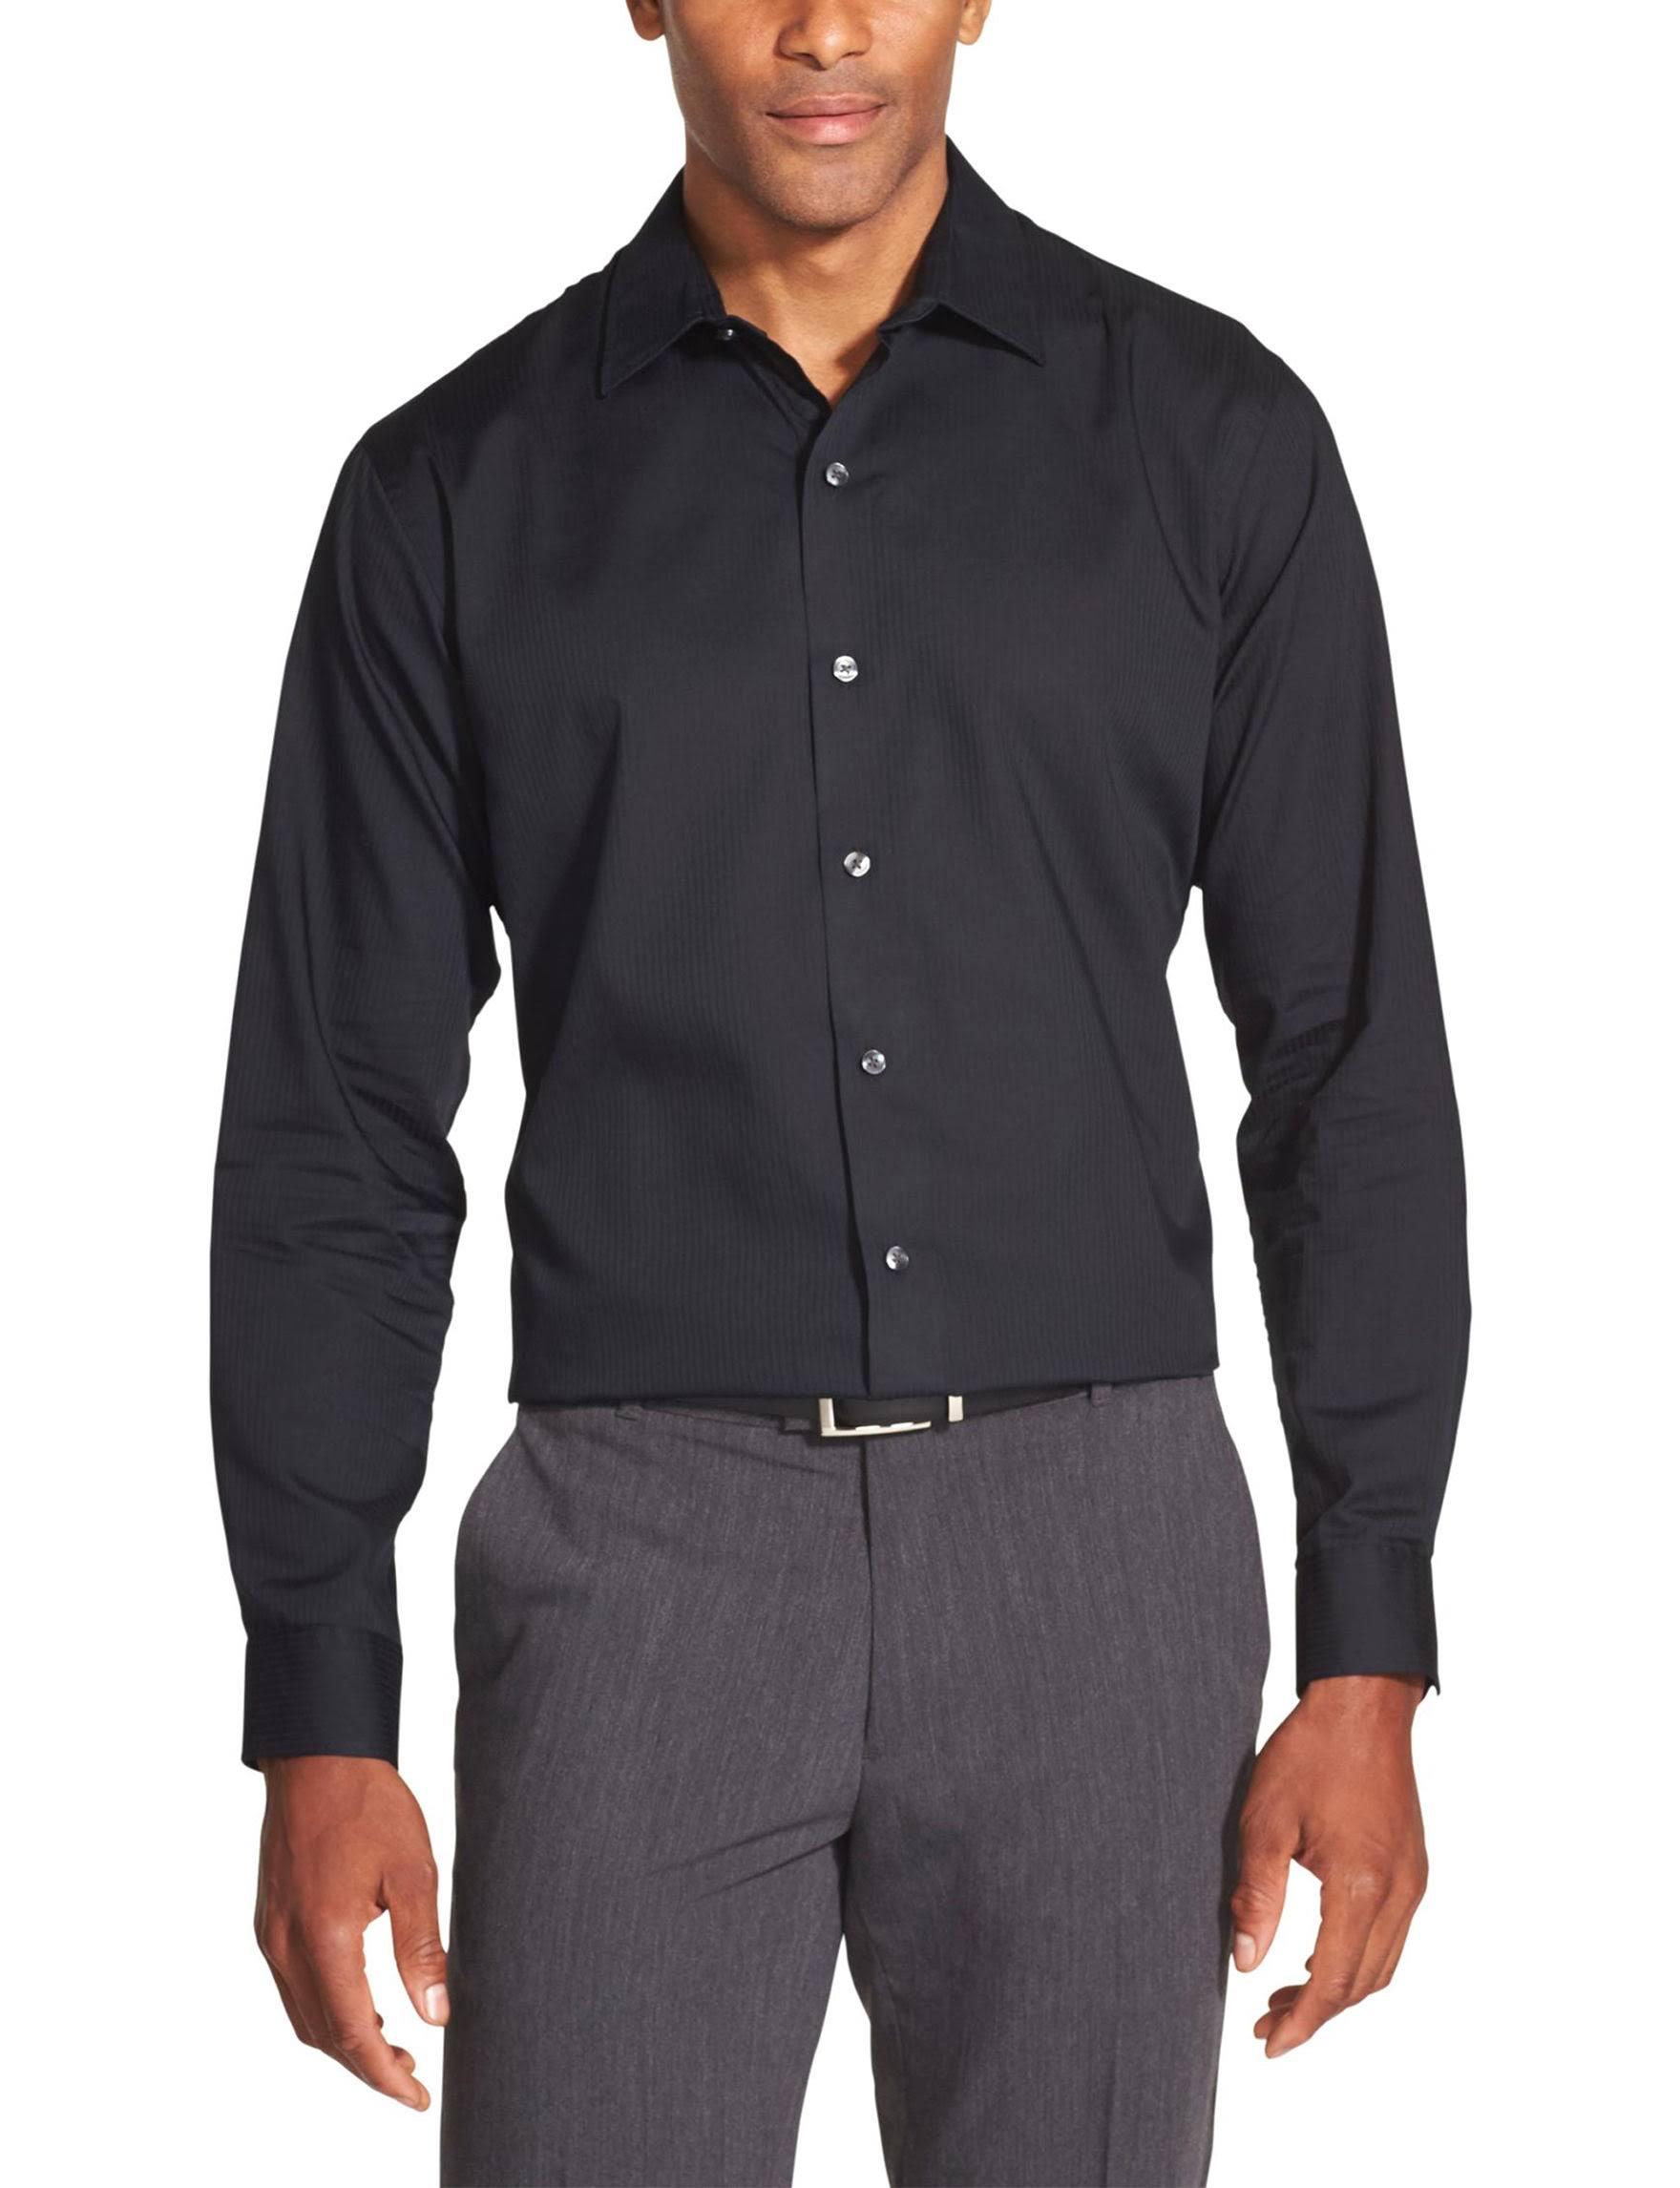 Botones Van De Larga M Heusen A Con Para Rayas Camisa Negro Hombres Rich Manga 1WwfTUF